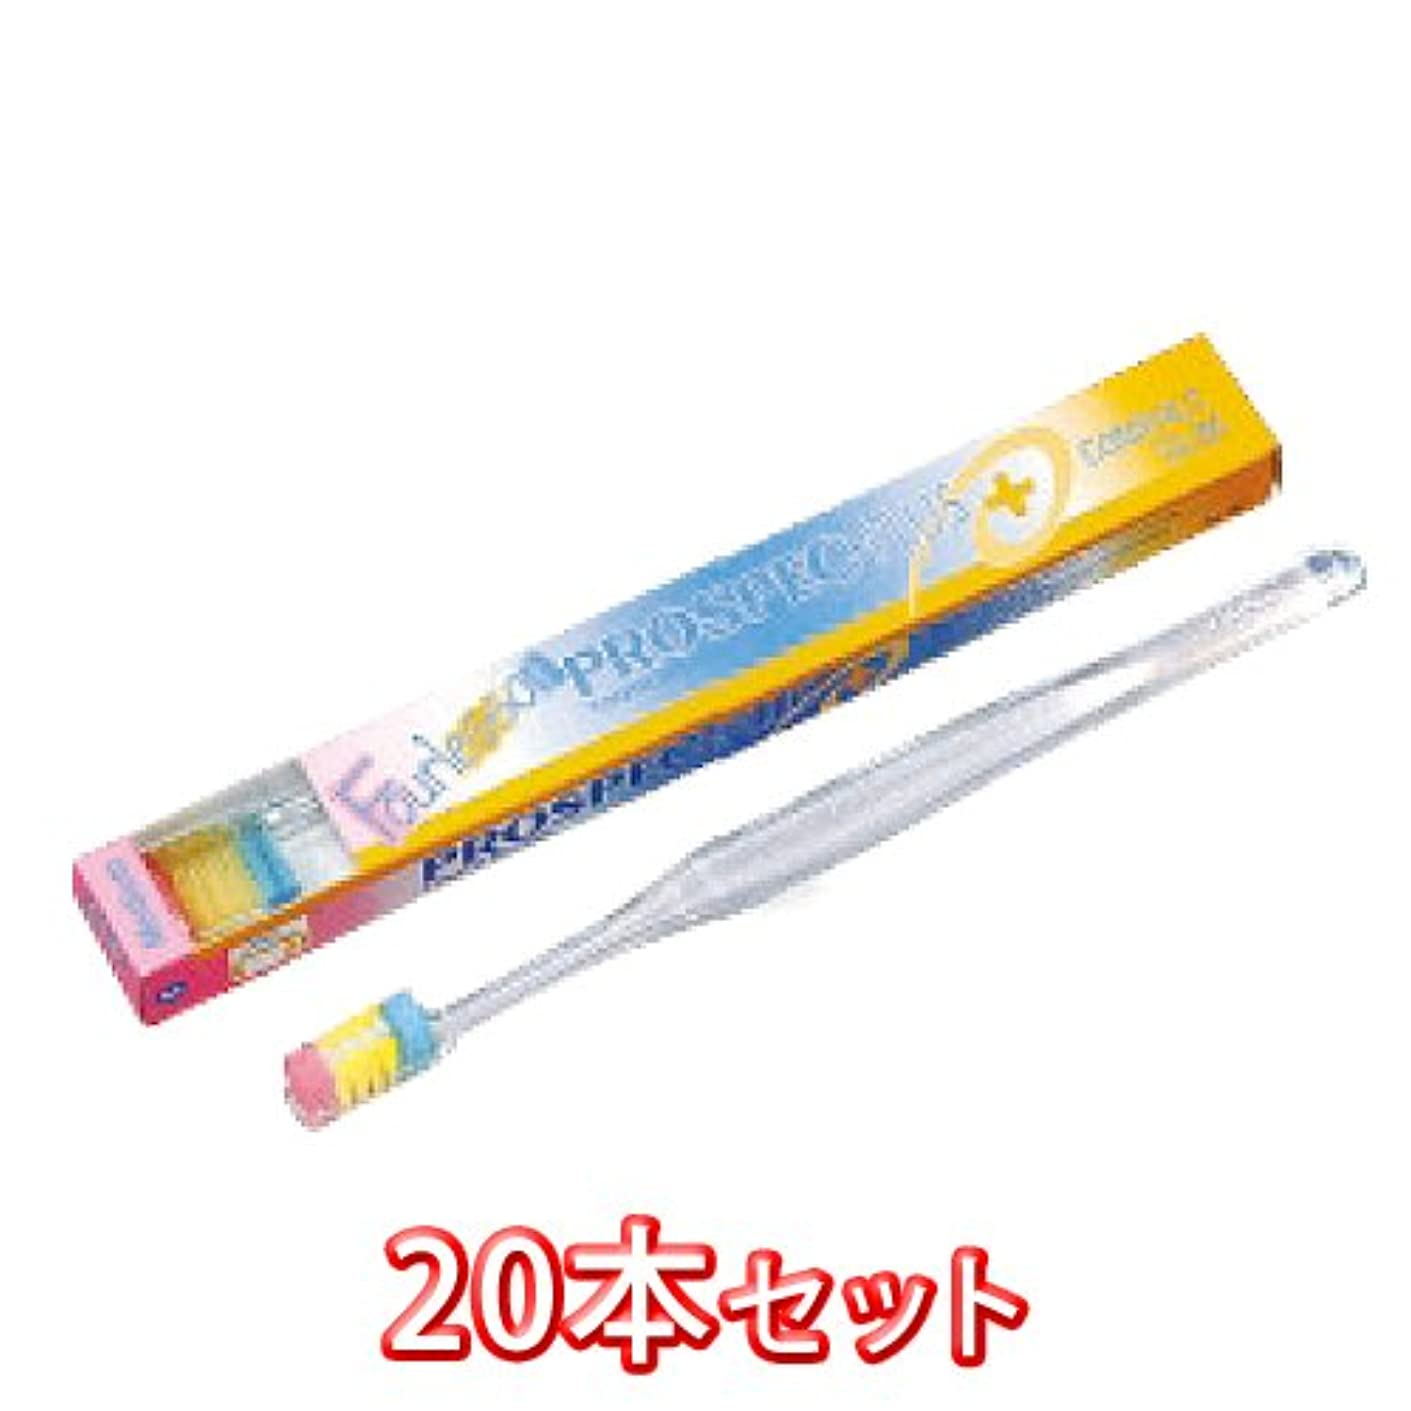 トラック訴える宙返りプロスペック 歯ブラシ コンパクトスリム 20本入 フォーレッスン 毛の硬さ ふつう